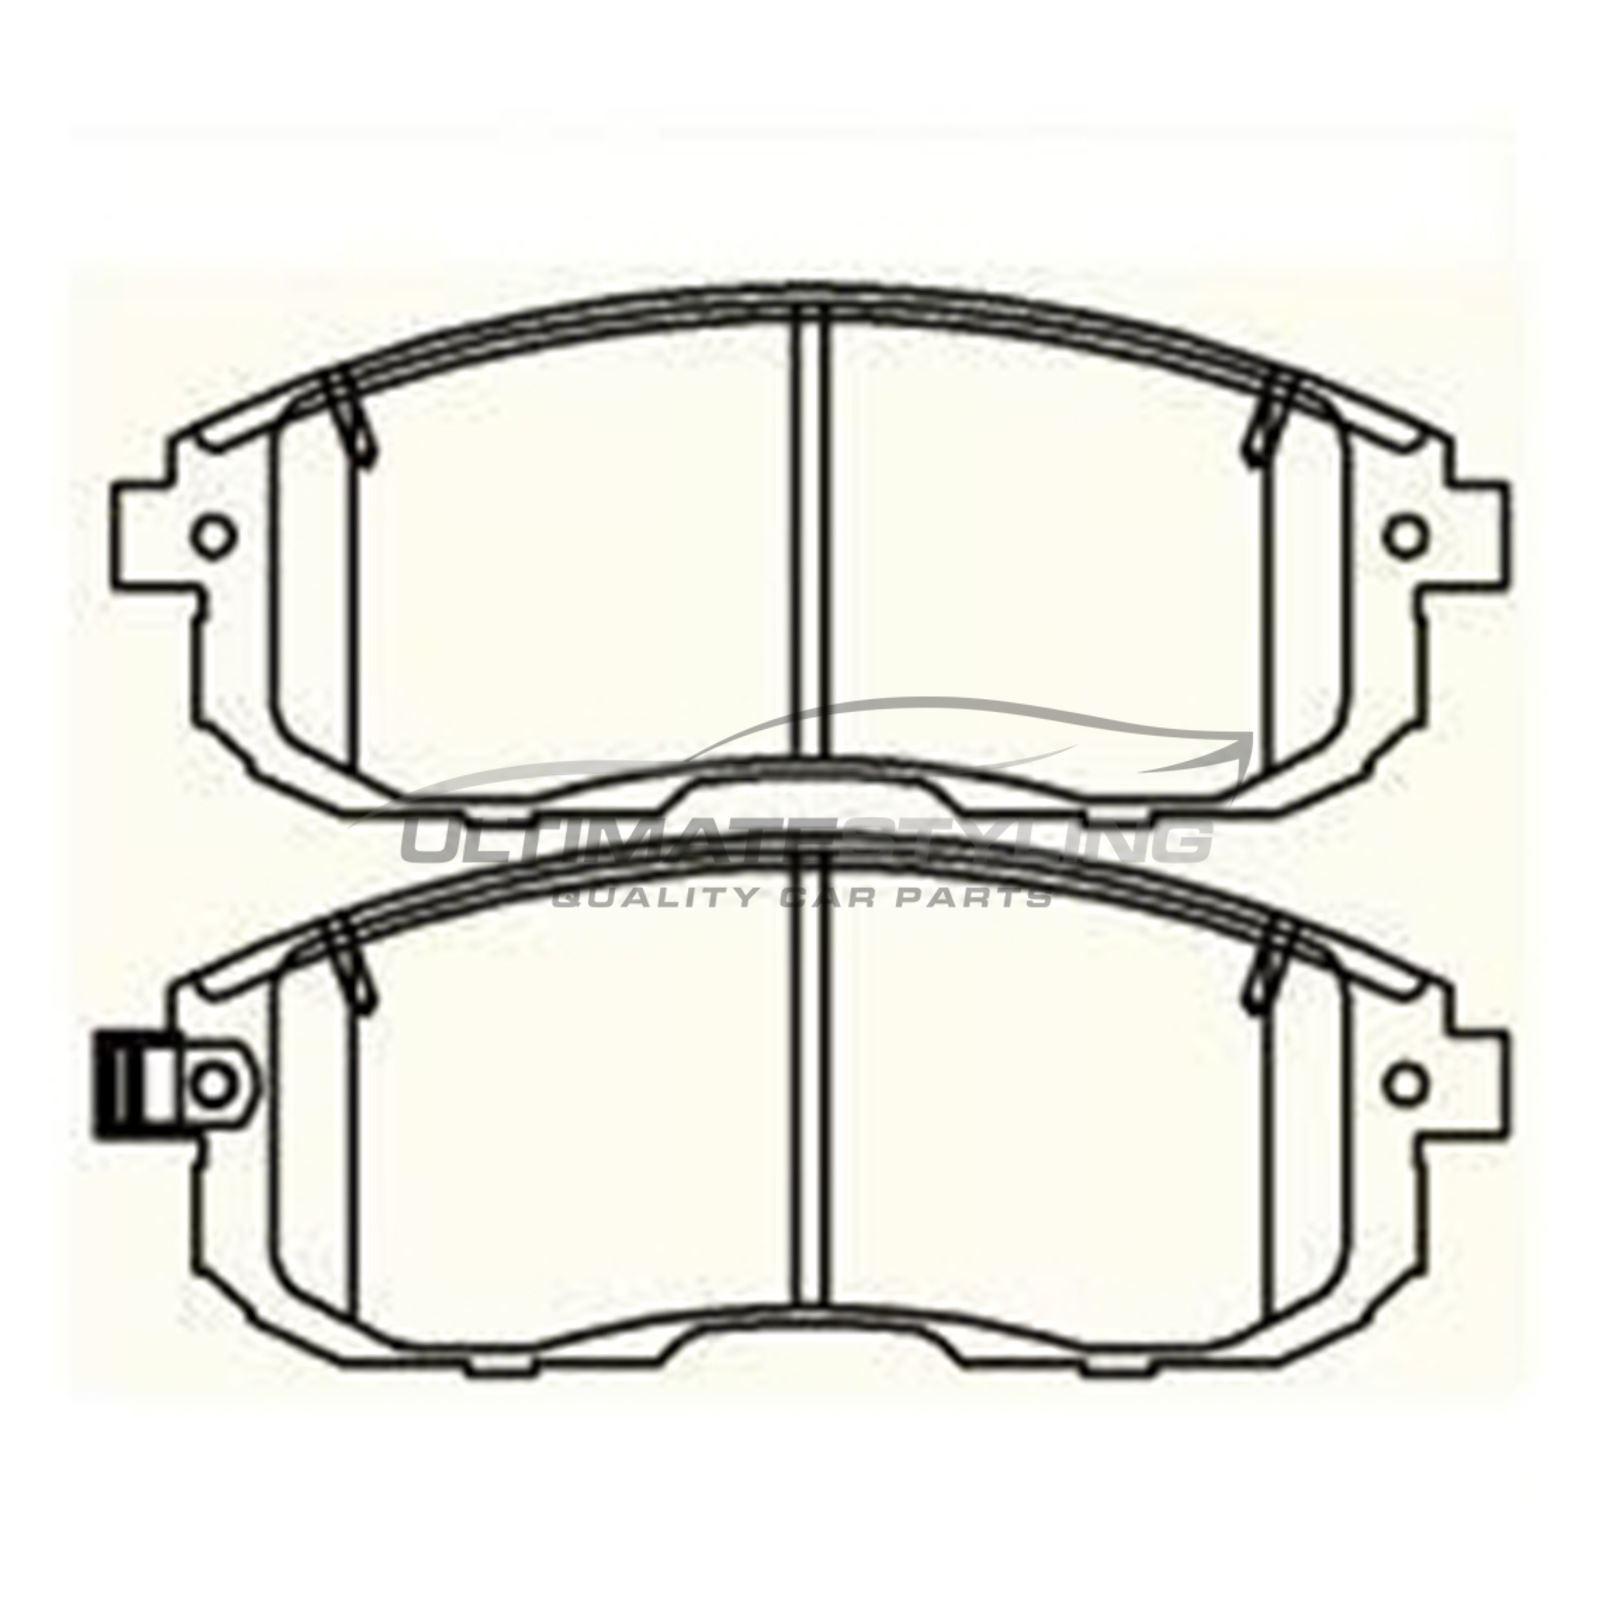 For Nissan Pulsar C13 Hatchback 2014-/> 1.2 1.5 1.6 Front Brake Pads W137-H53-T17